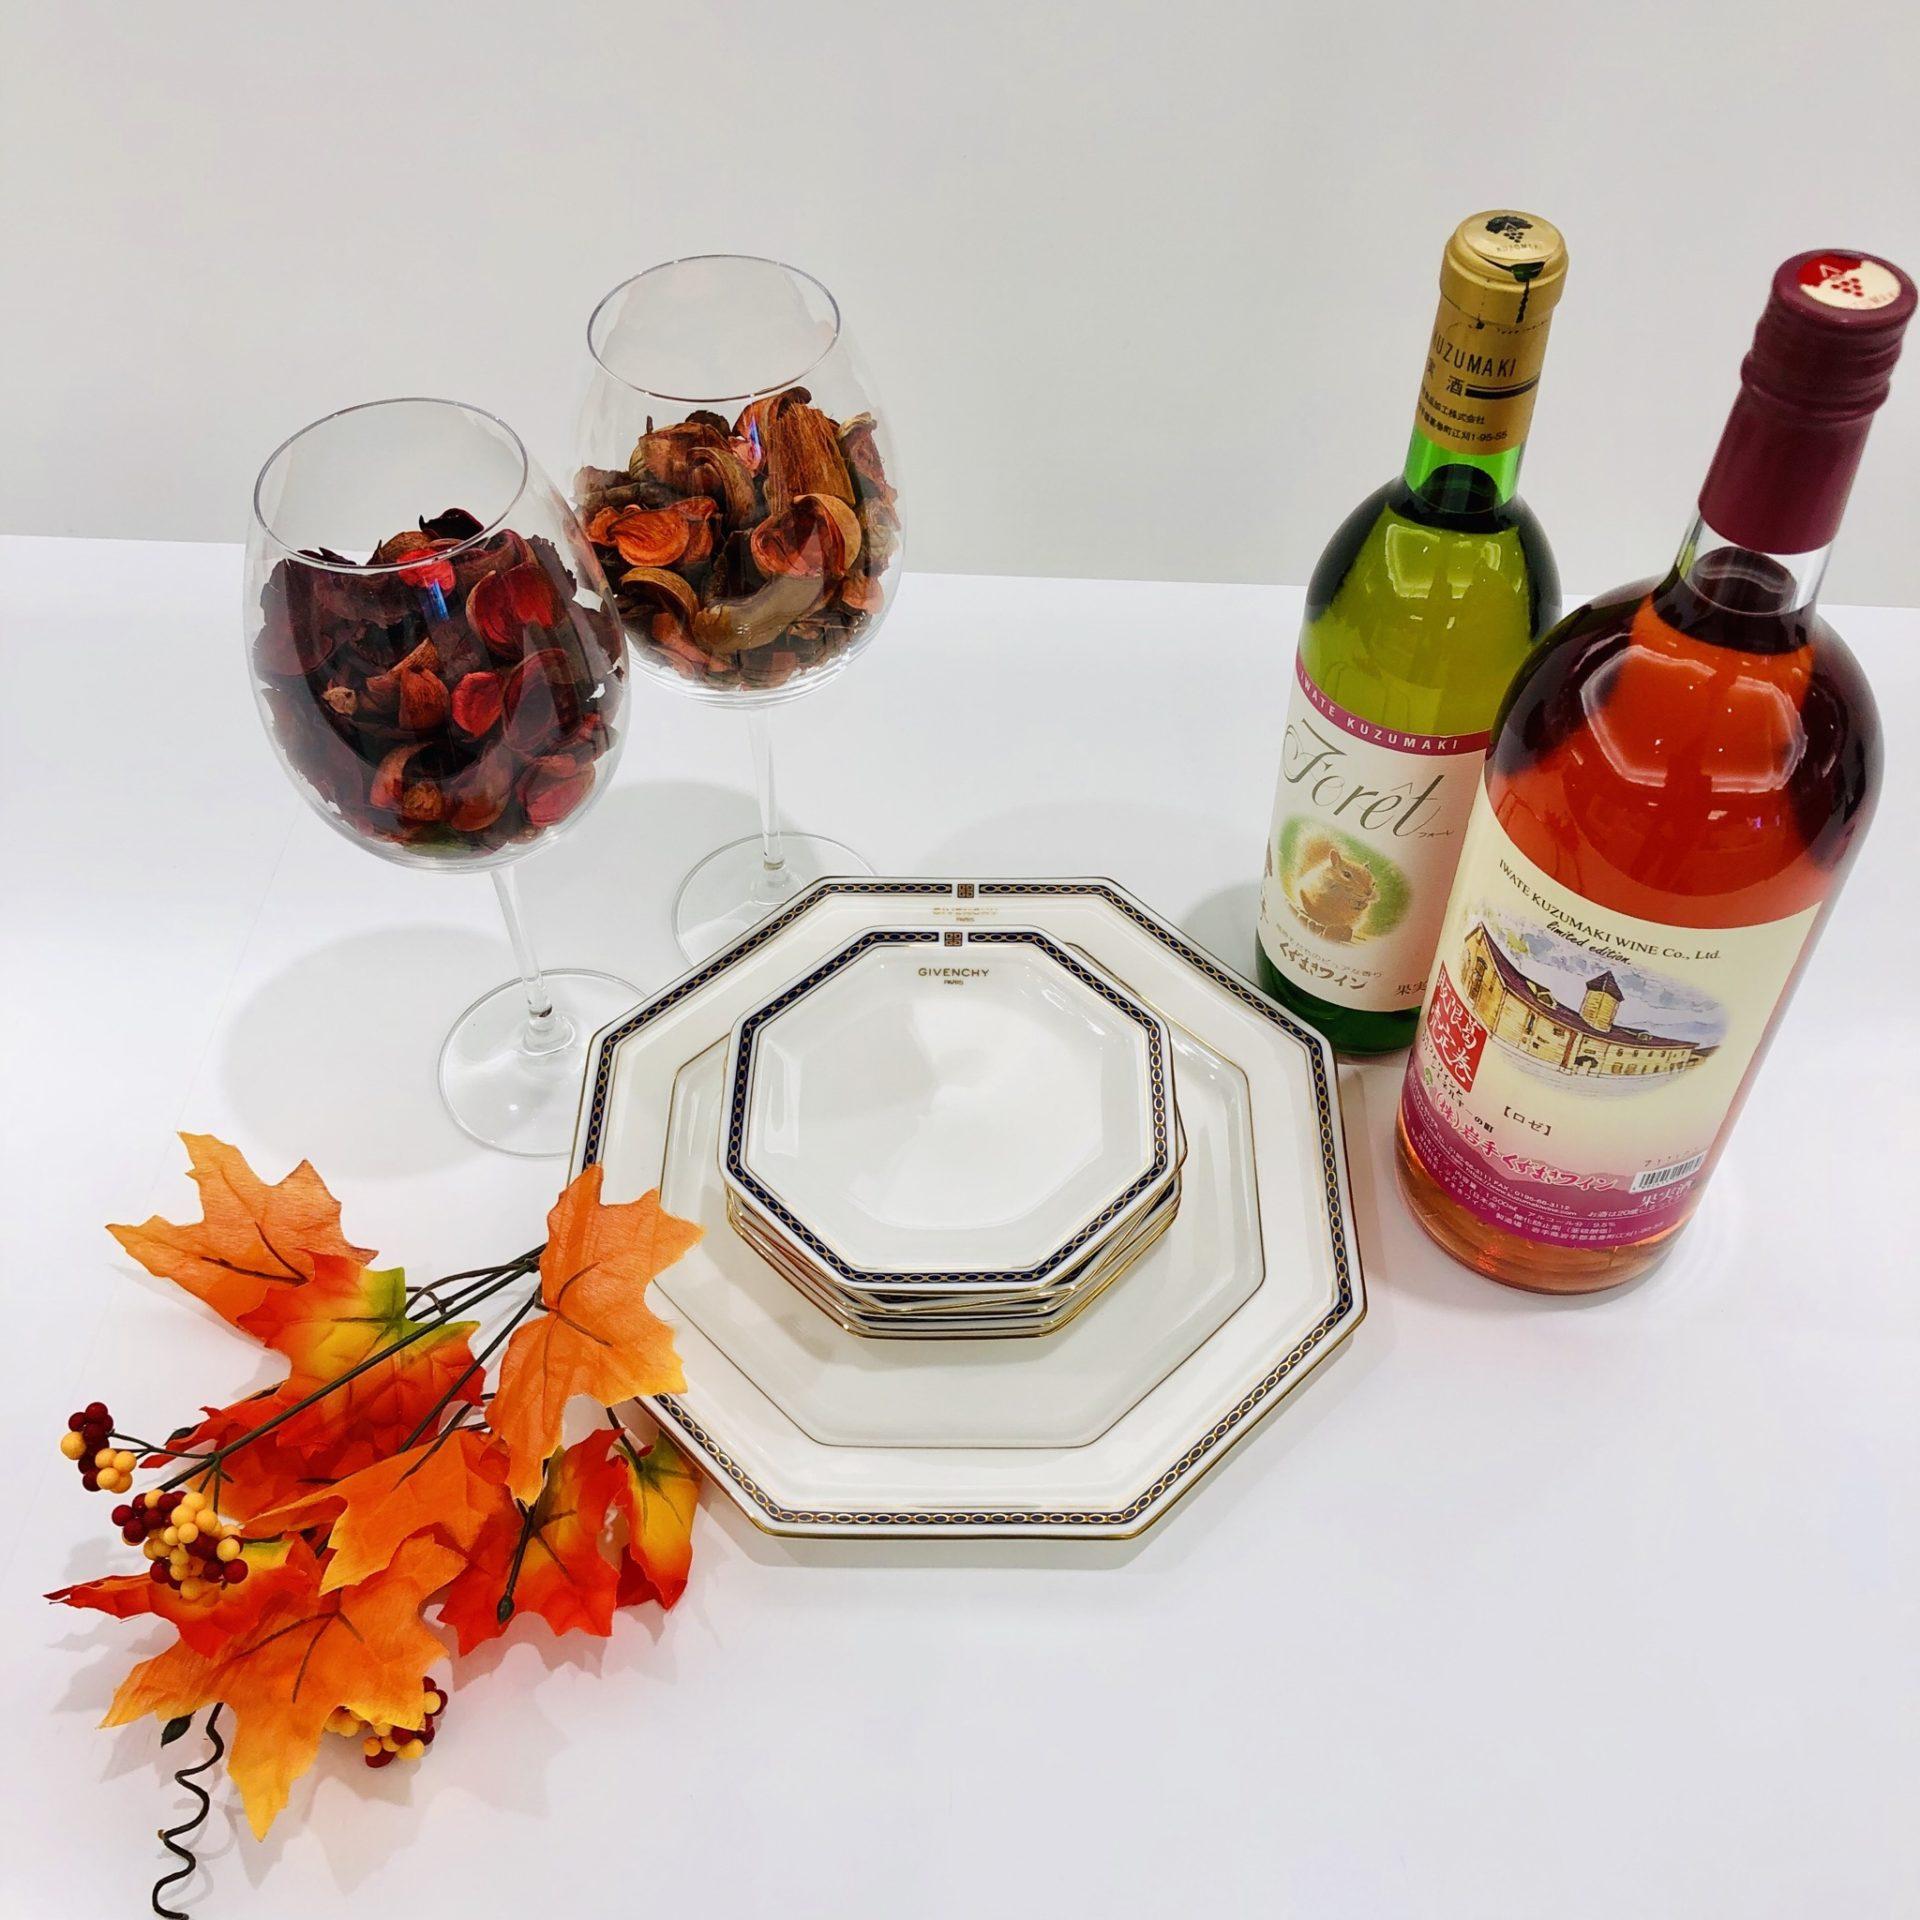 【盛岡 ワイン 販売】ジバンシープレートセット&くずまきワイン